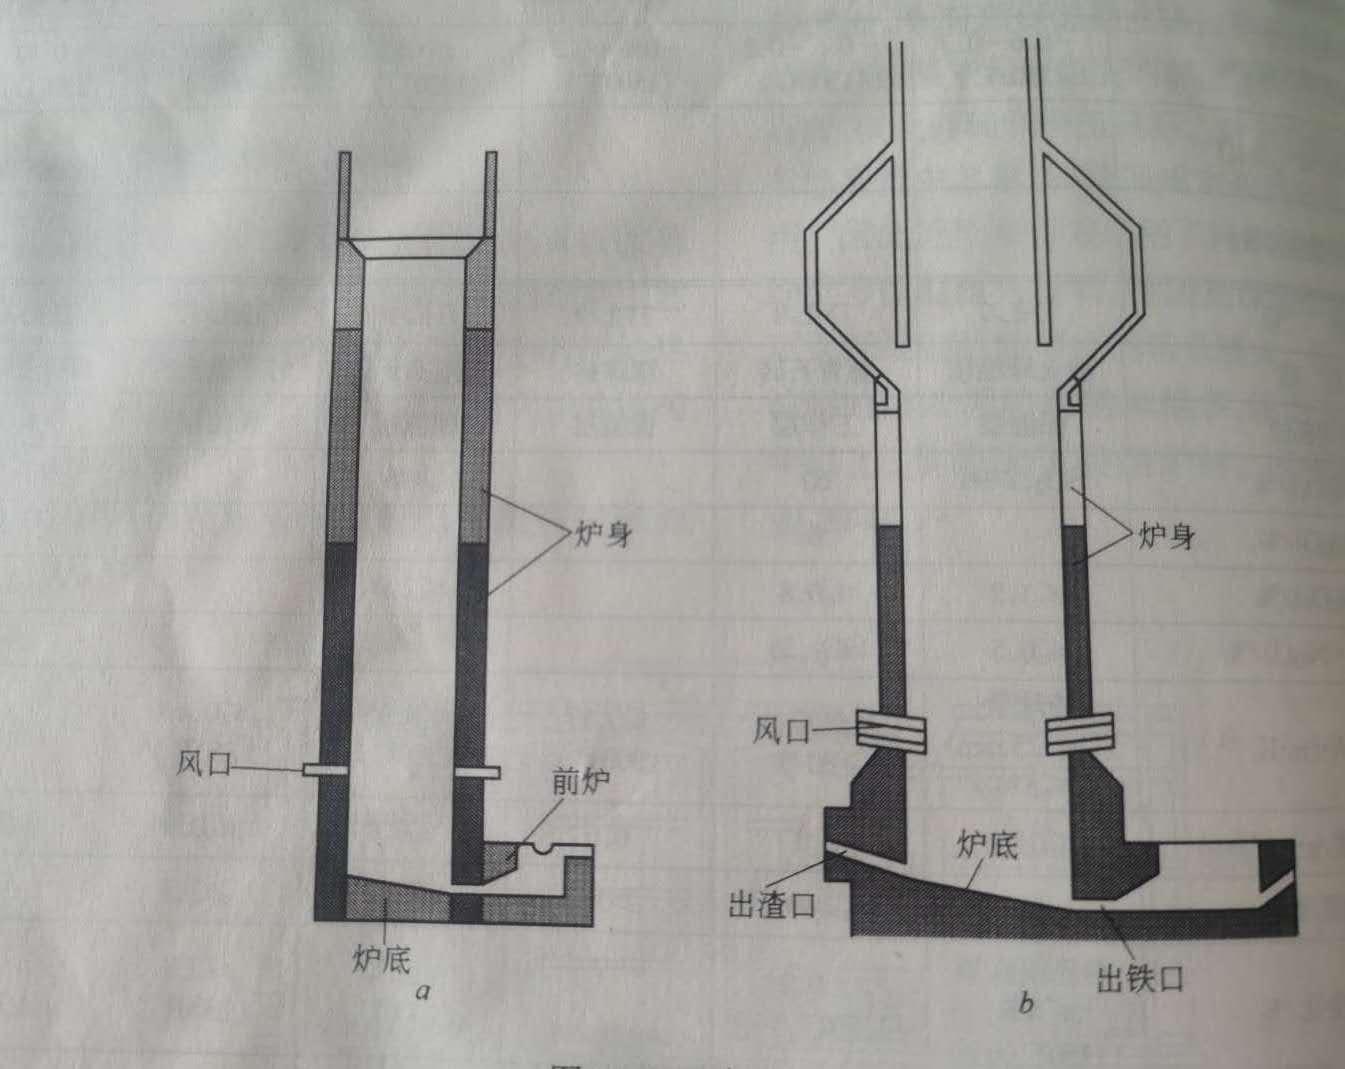 冲天炉用耐火材料